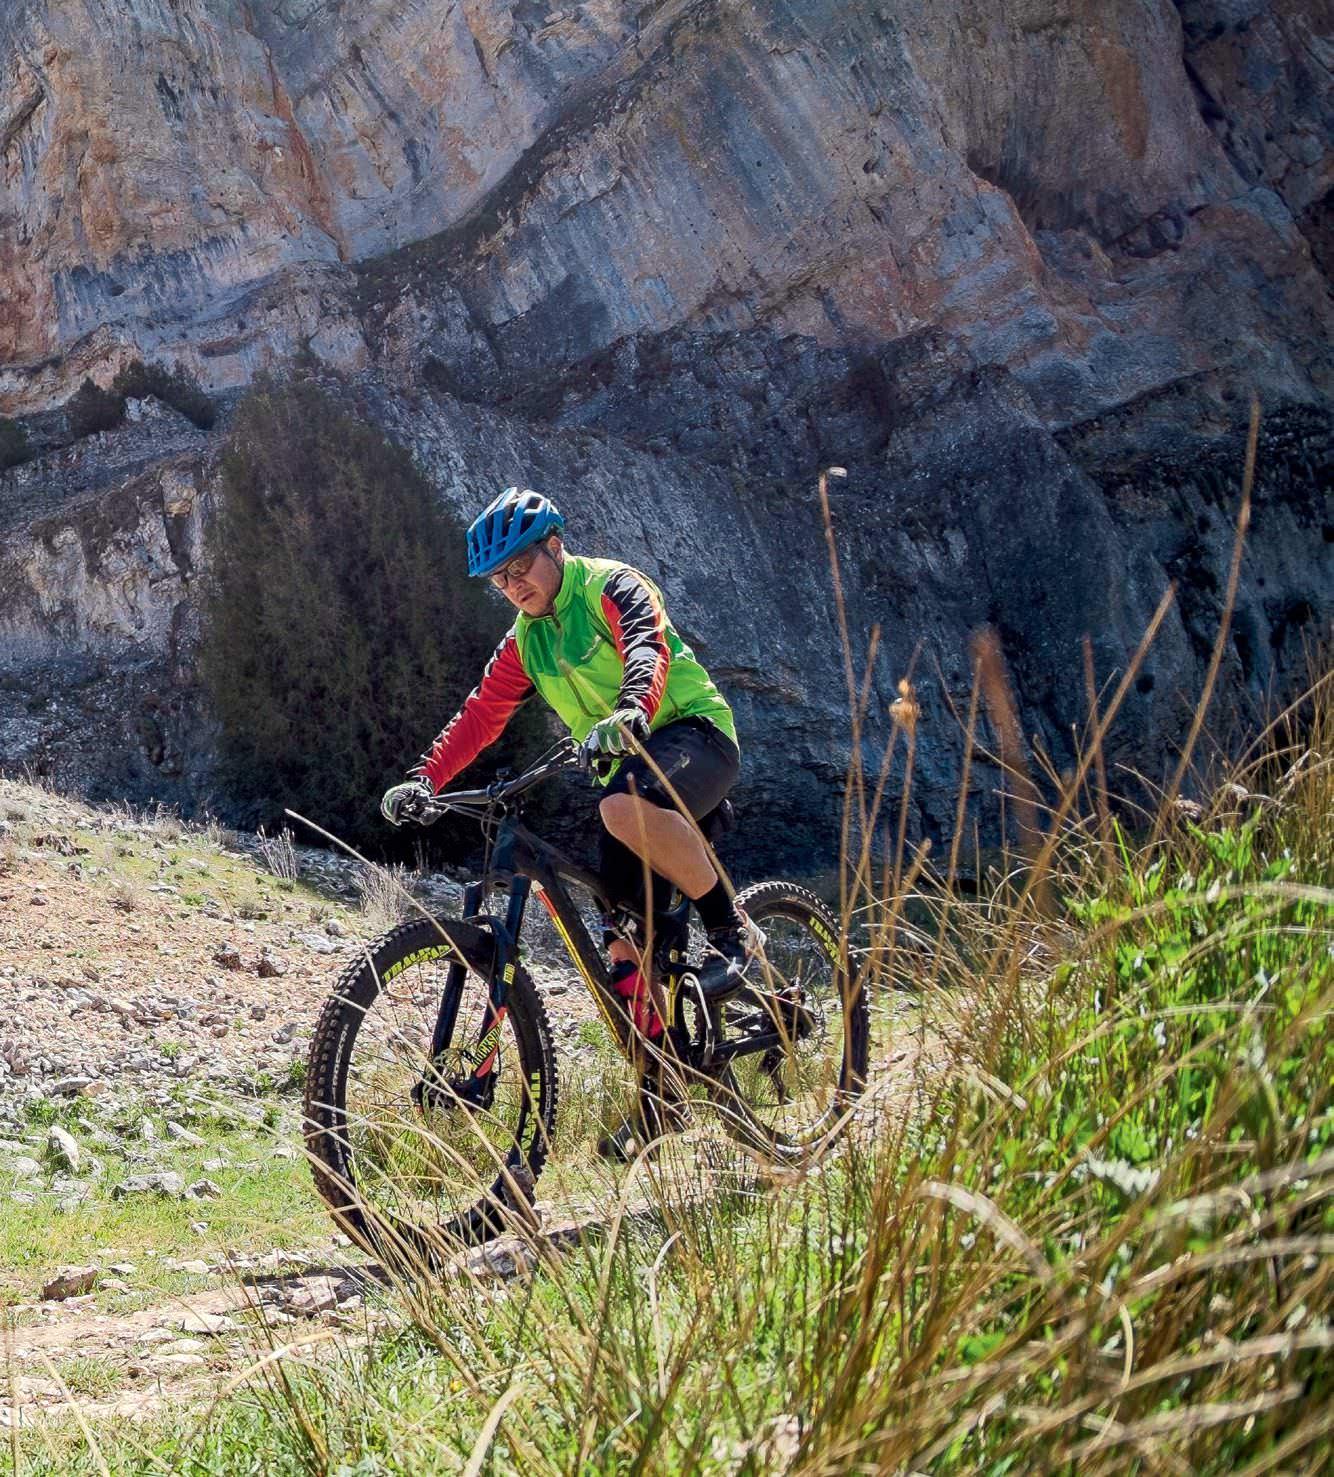 MTB Entre Paredes De Roca Caliza